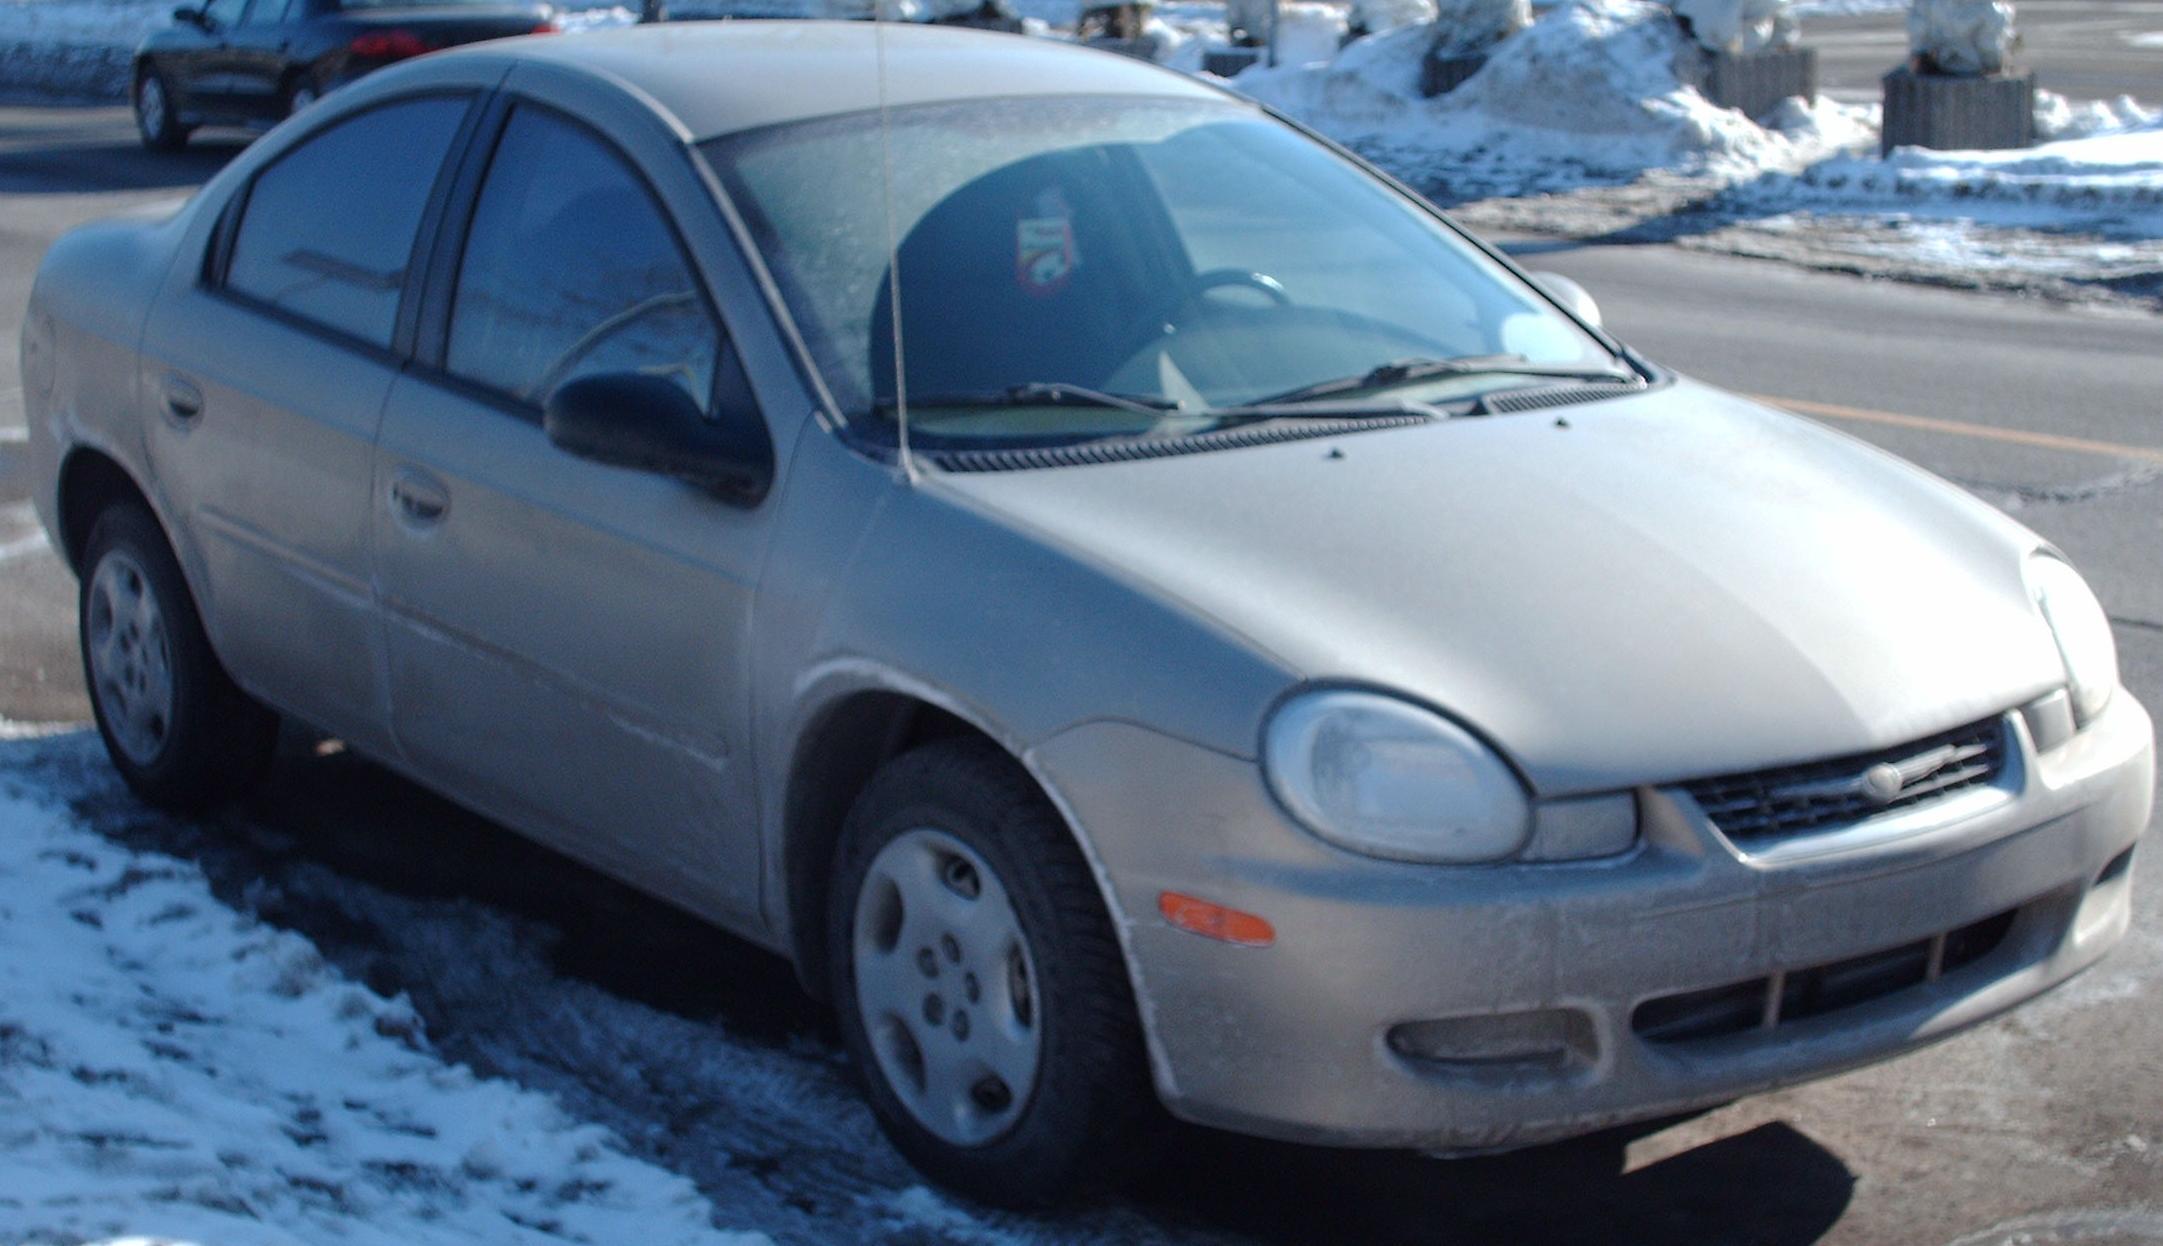 Archivo:2000-2002 Chrysler Neon Sedan.jpg - Wikipedia, la enciclopedia ...